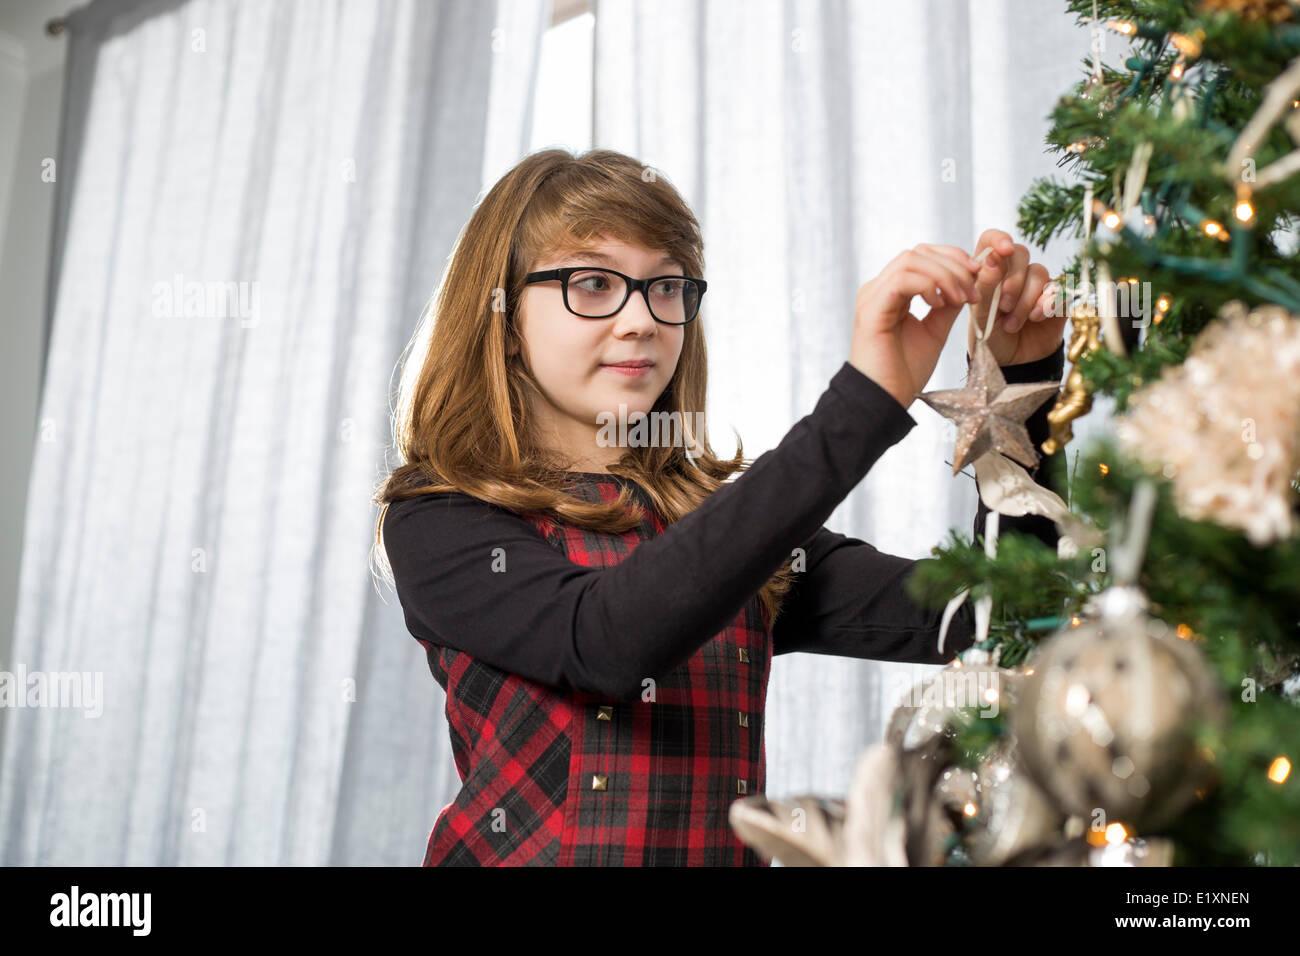 Teenage girl hanging ornament on Christmas tree at home - Stock Image